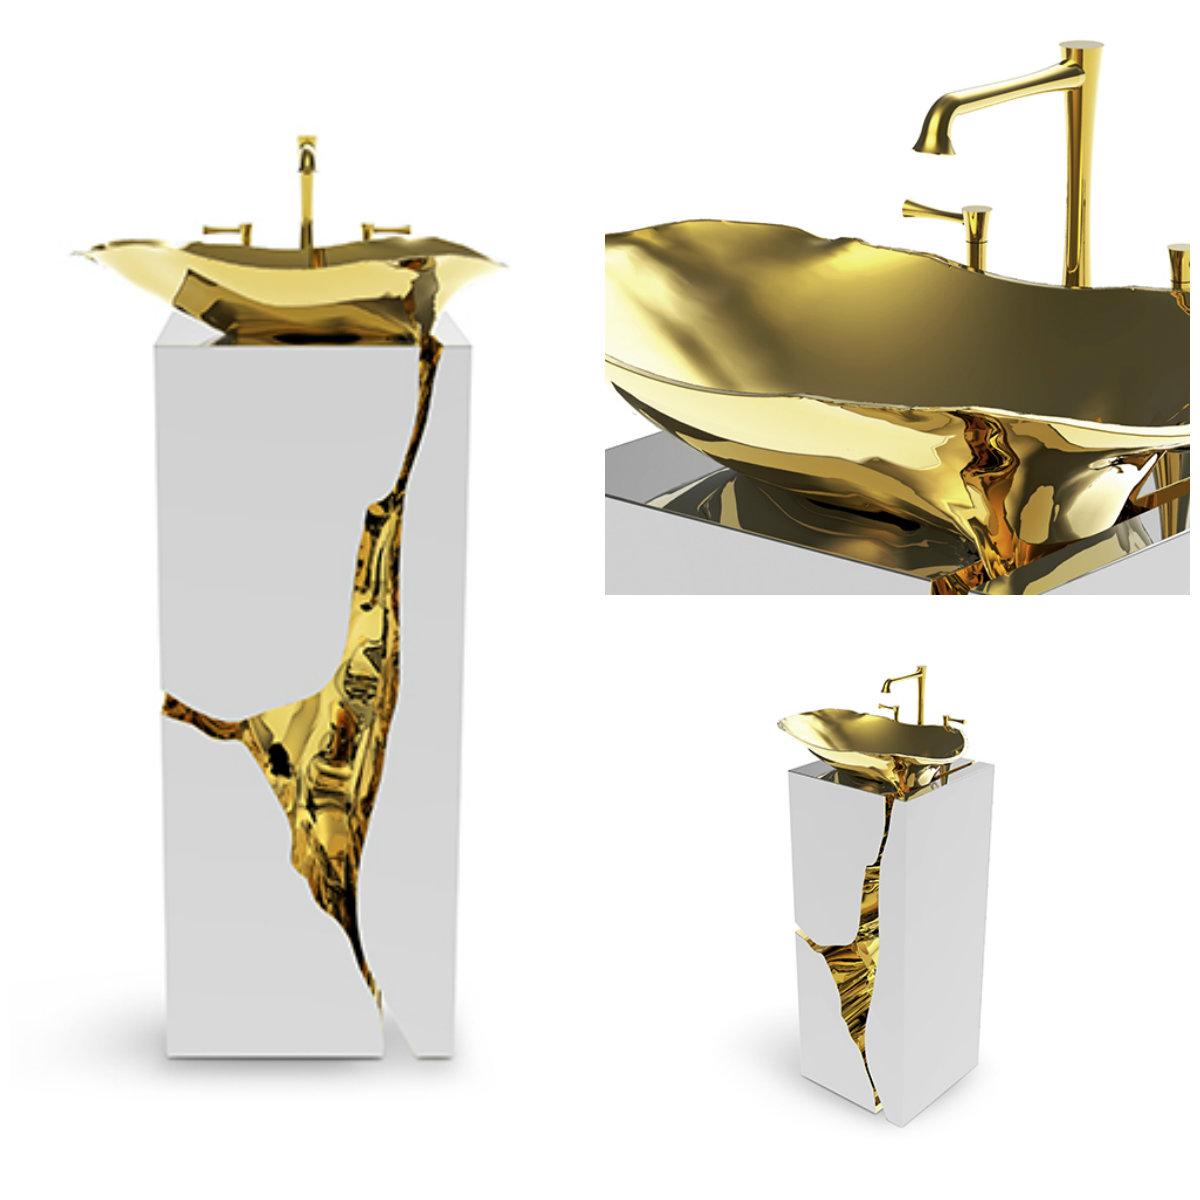 Stunning Freestanding Washbasins by Maison Valentina freestanding washbasins Stunning Freestanding Washbasins by Maison Valentina lapiaz freestanding